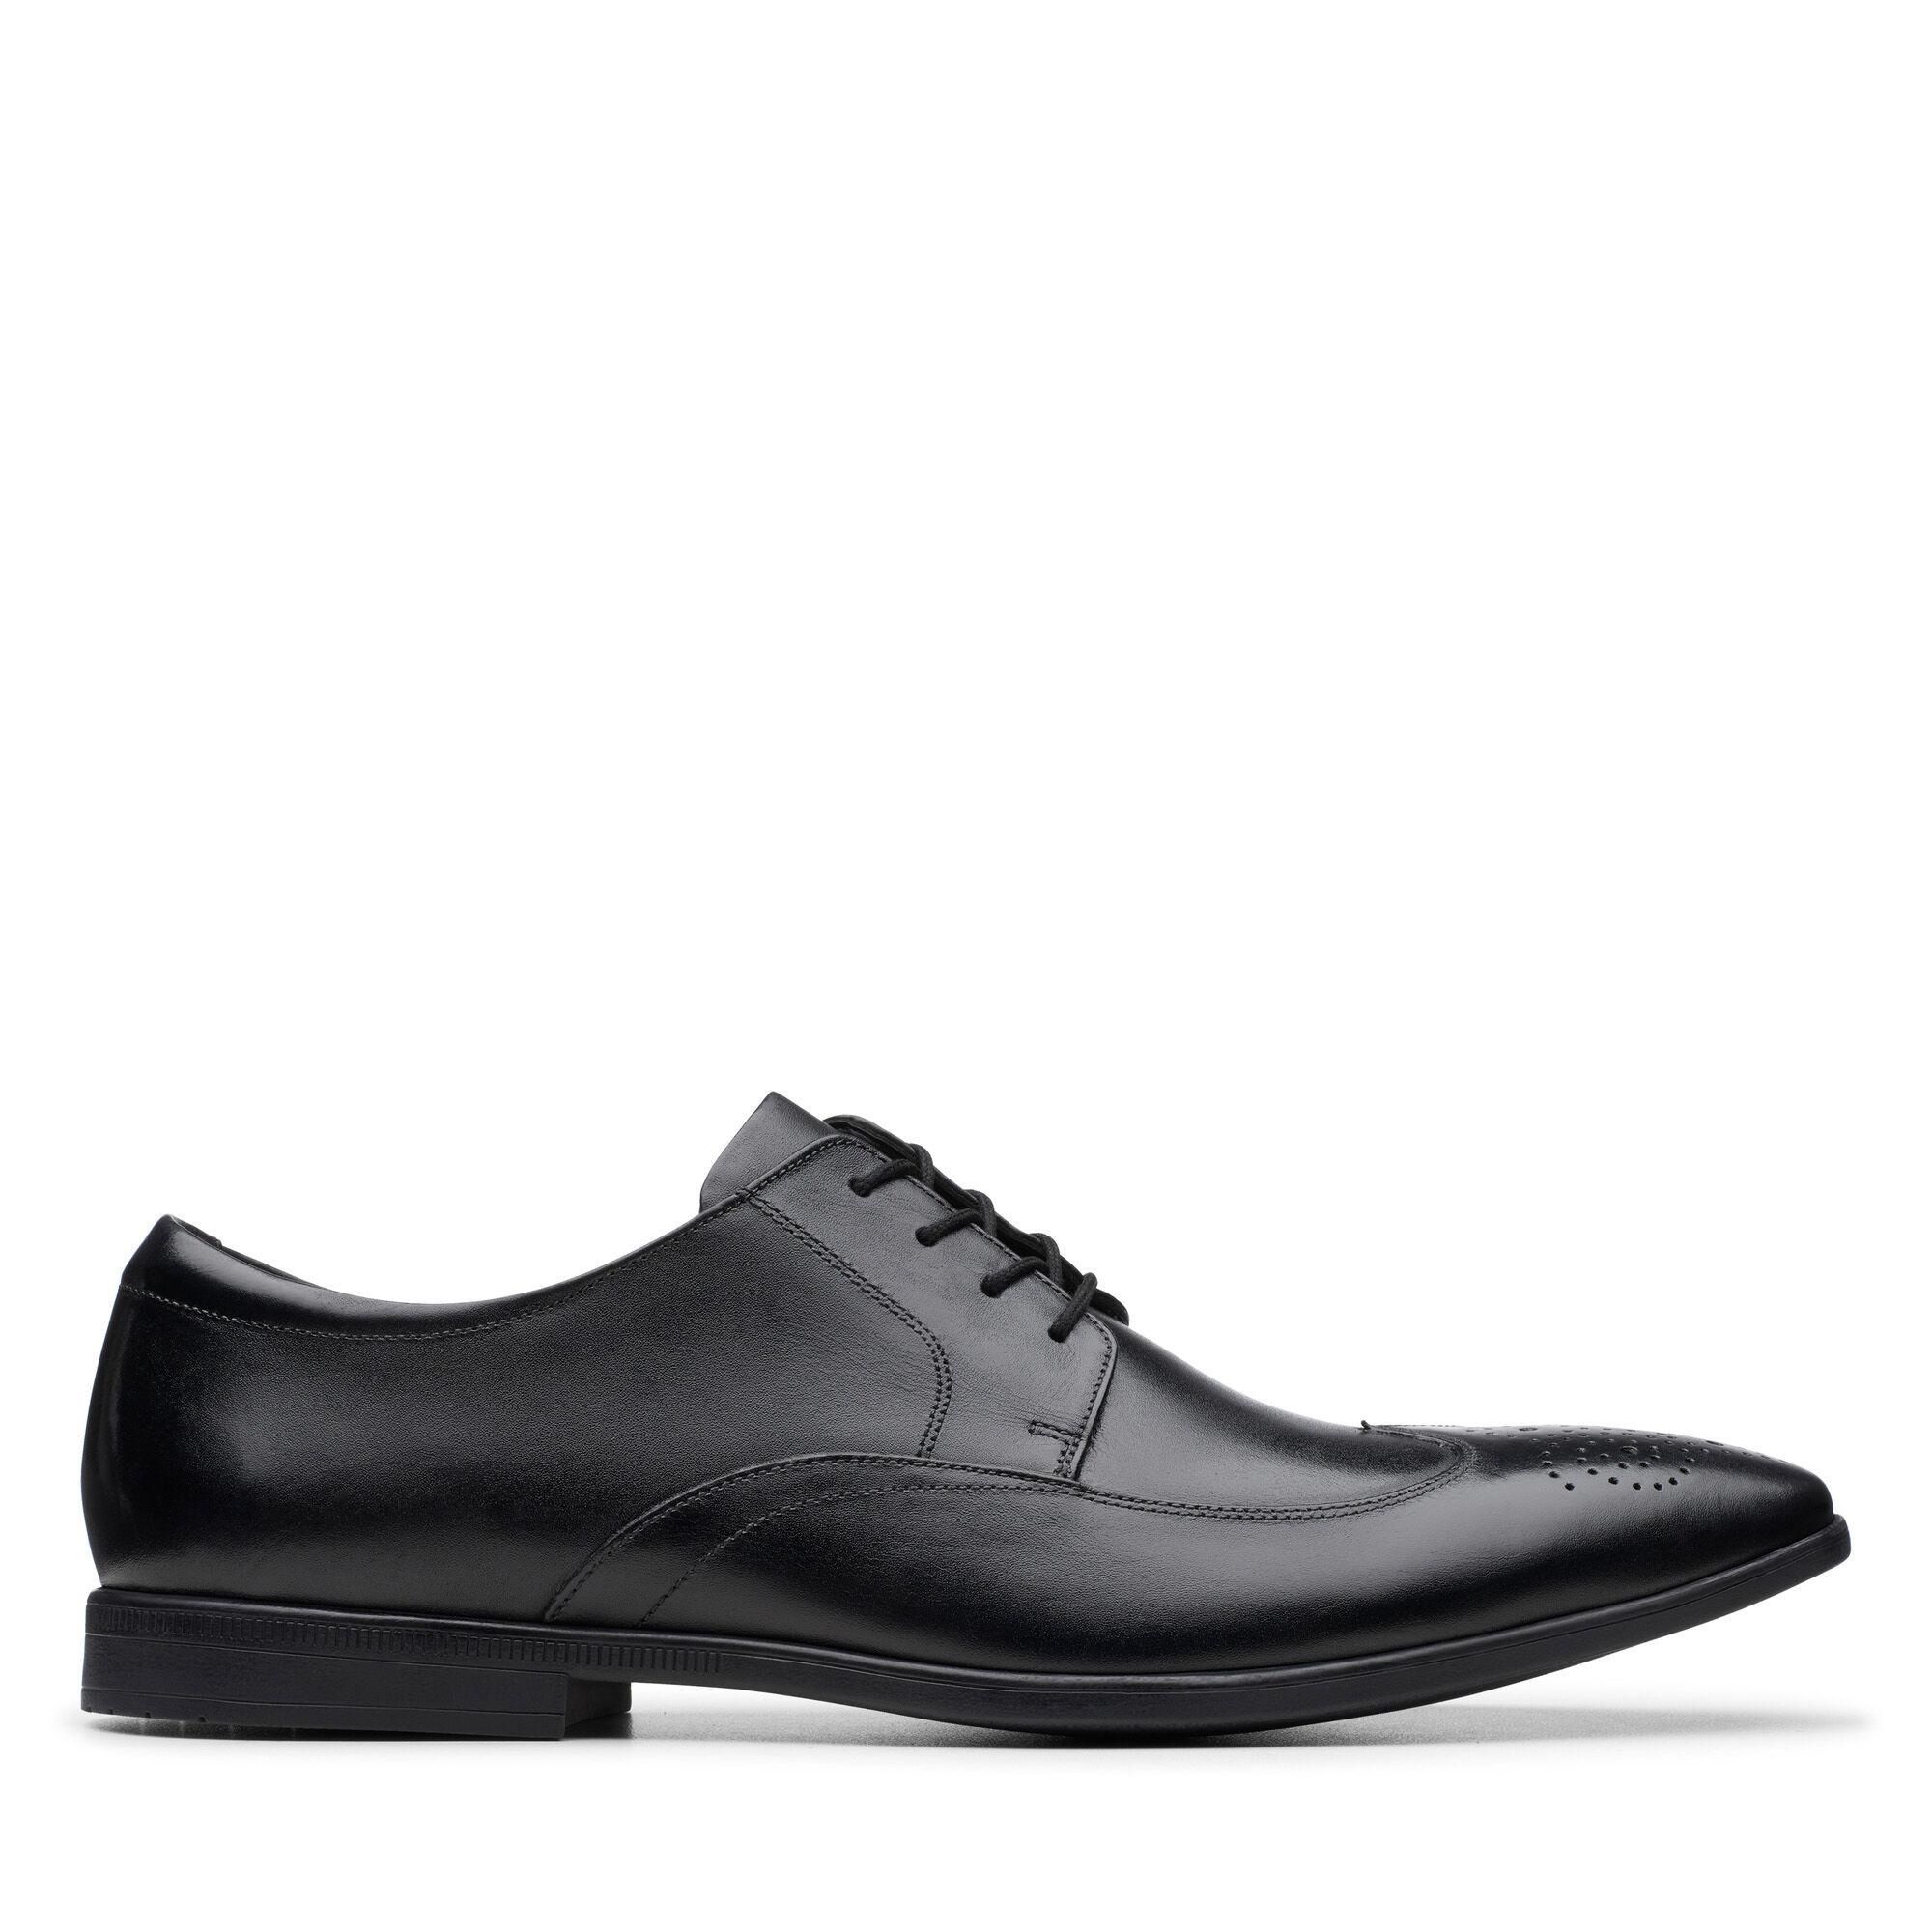 Clarks Budapester Schuhe Herren | Brogues Herren | Clarks